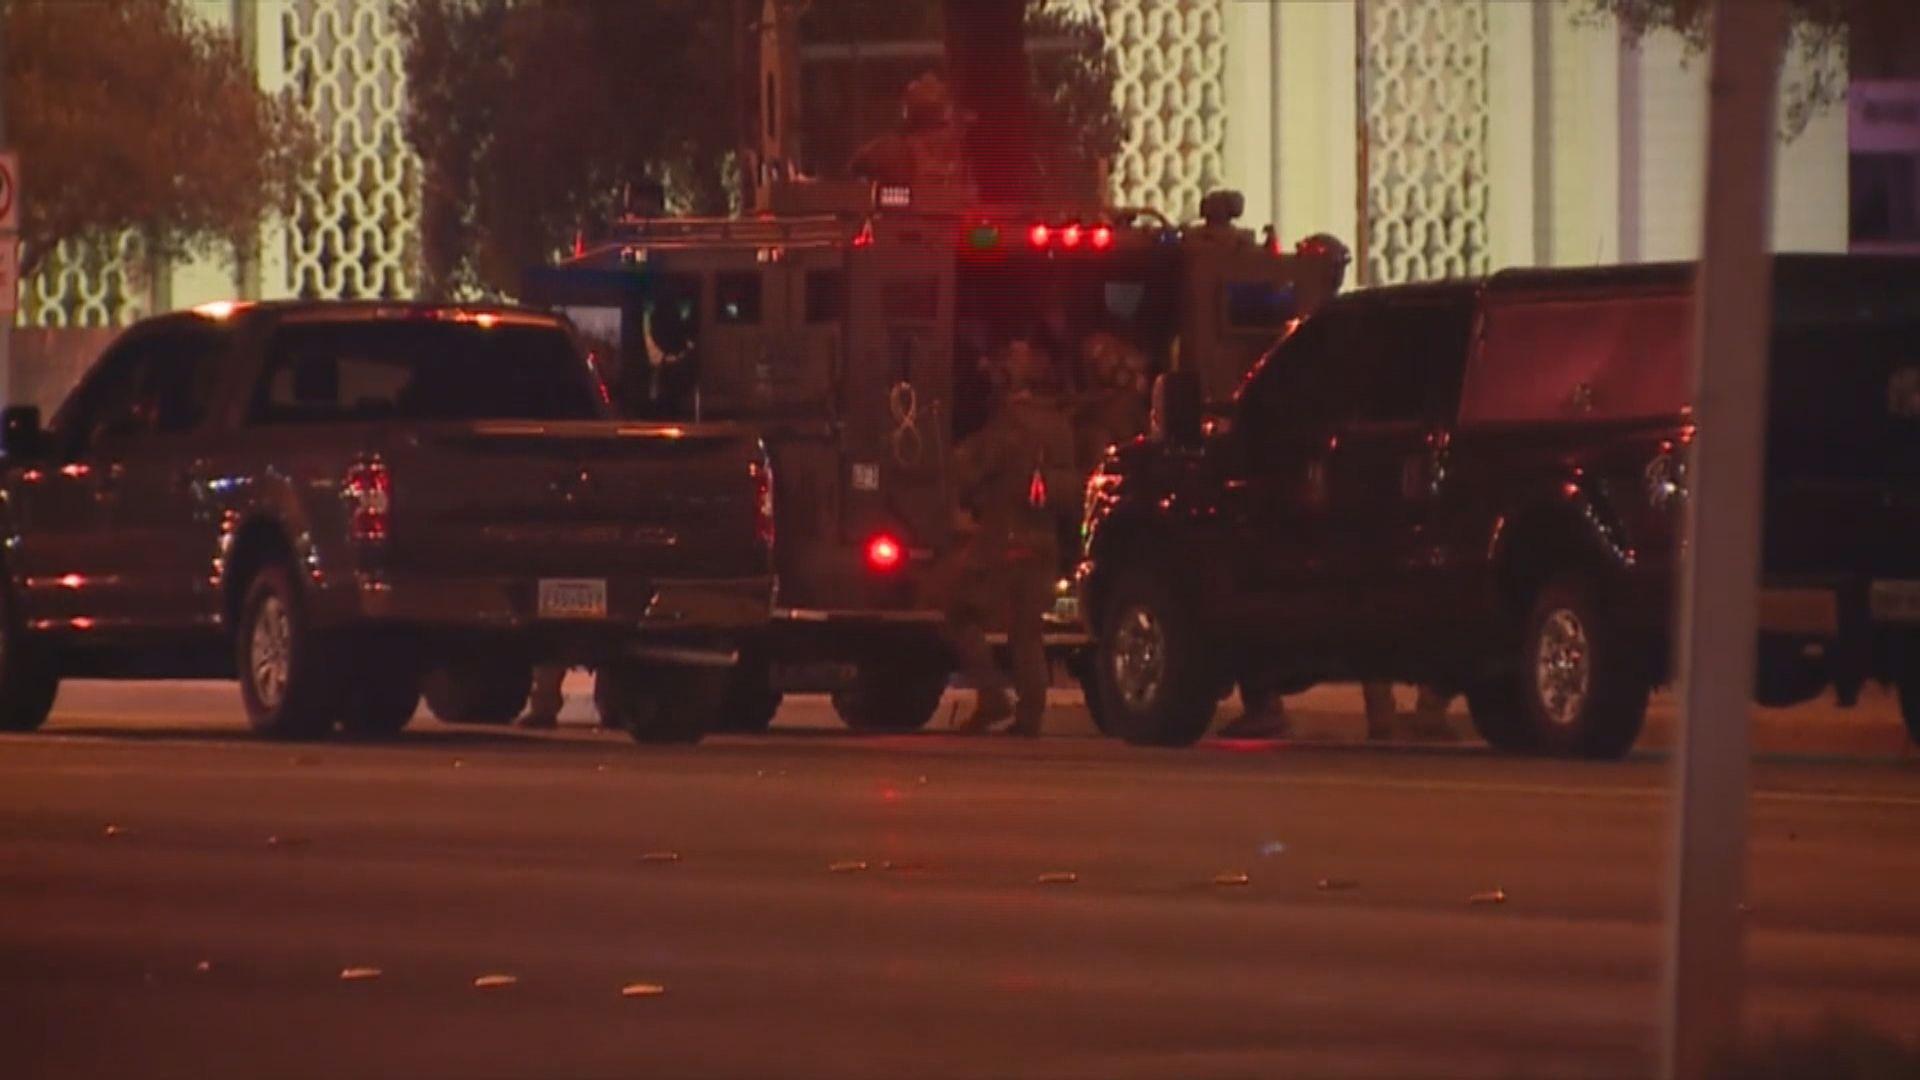 美國示威持續 一警員遭開槍擊中頭部送院救治